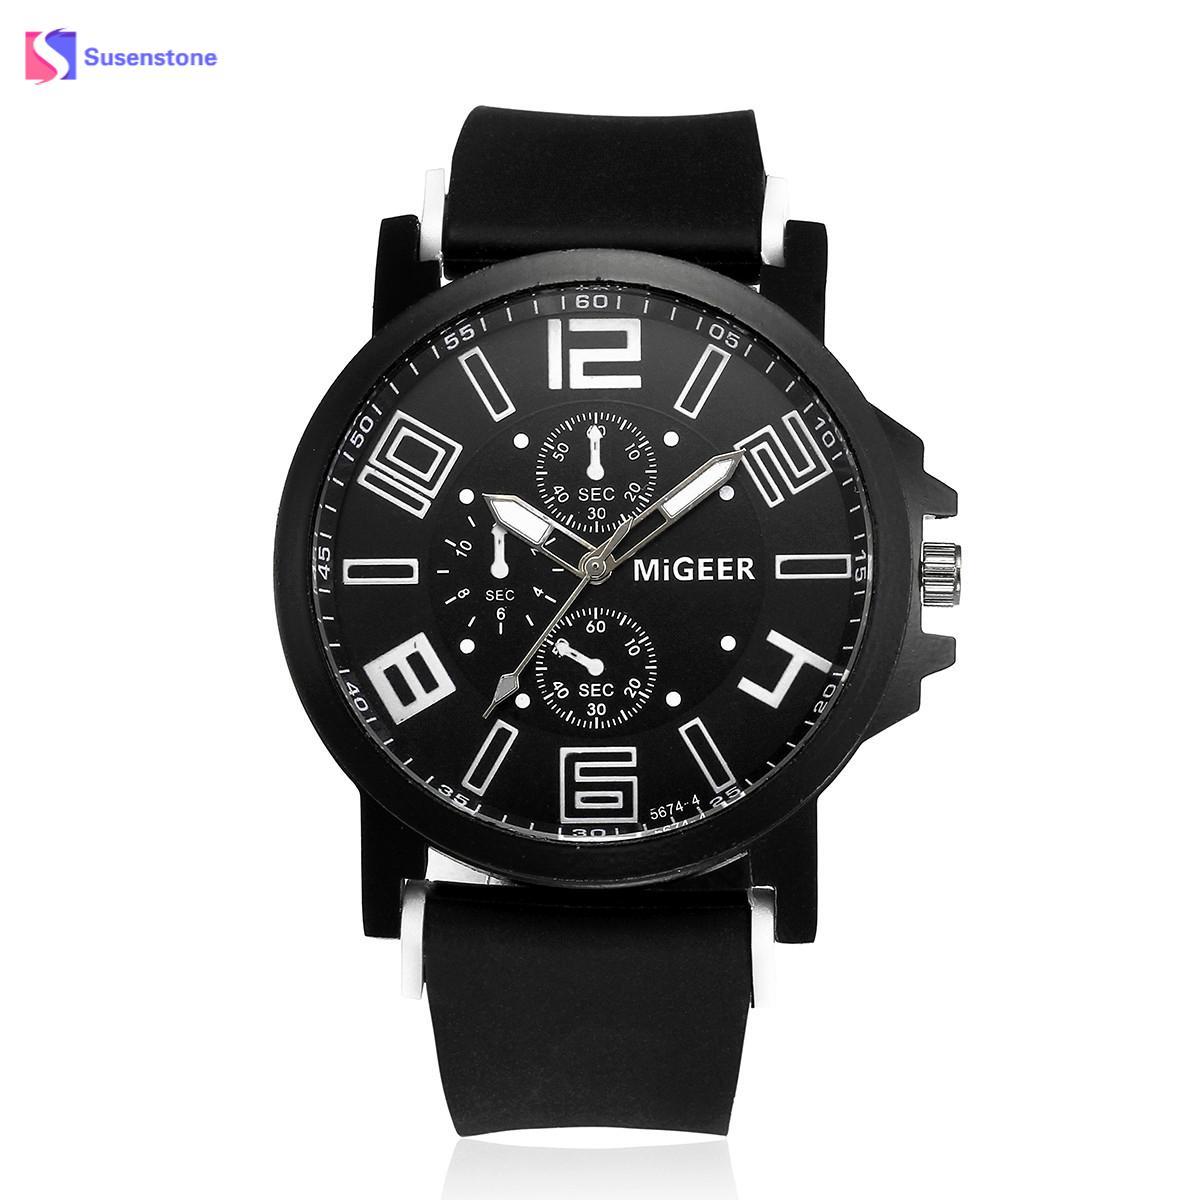 Для мужчин Лидер продаж силиконовый ремешок Спортивные Водонепроницаемый кварцевые часы наручные аналоговые часы Кварцевые наручные часы... ...